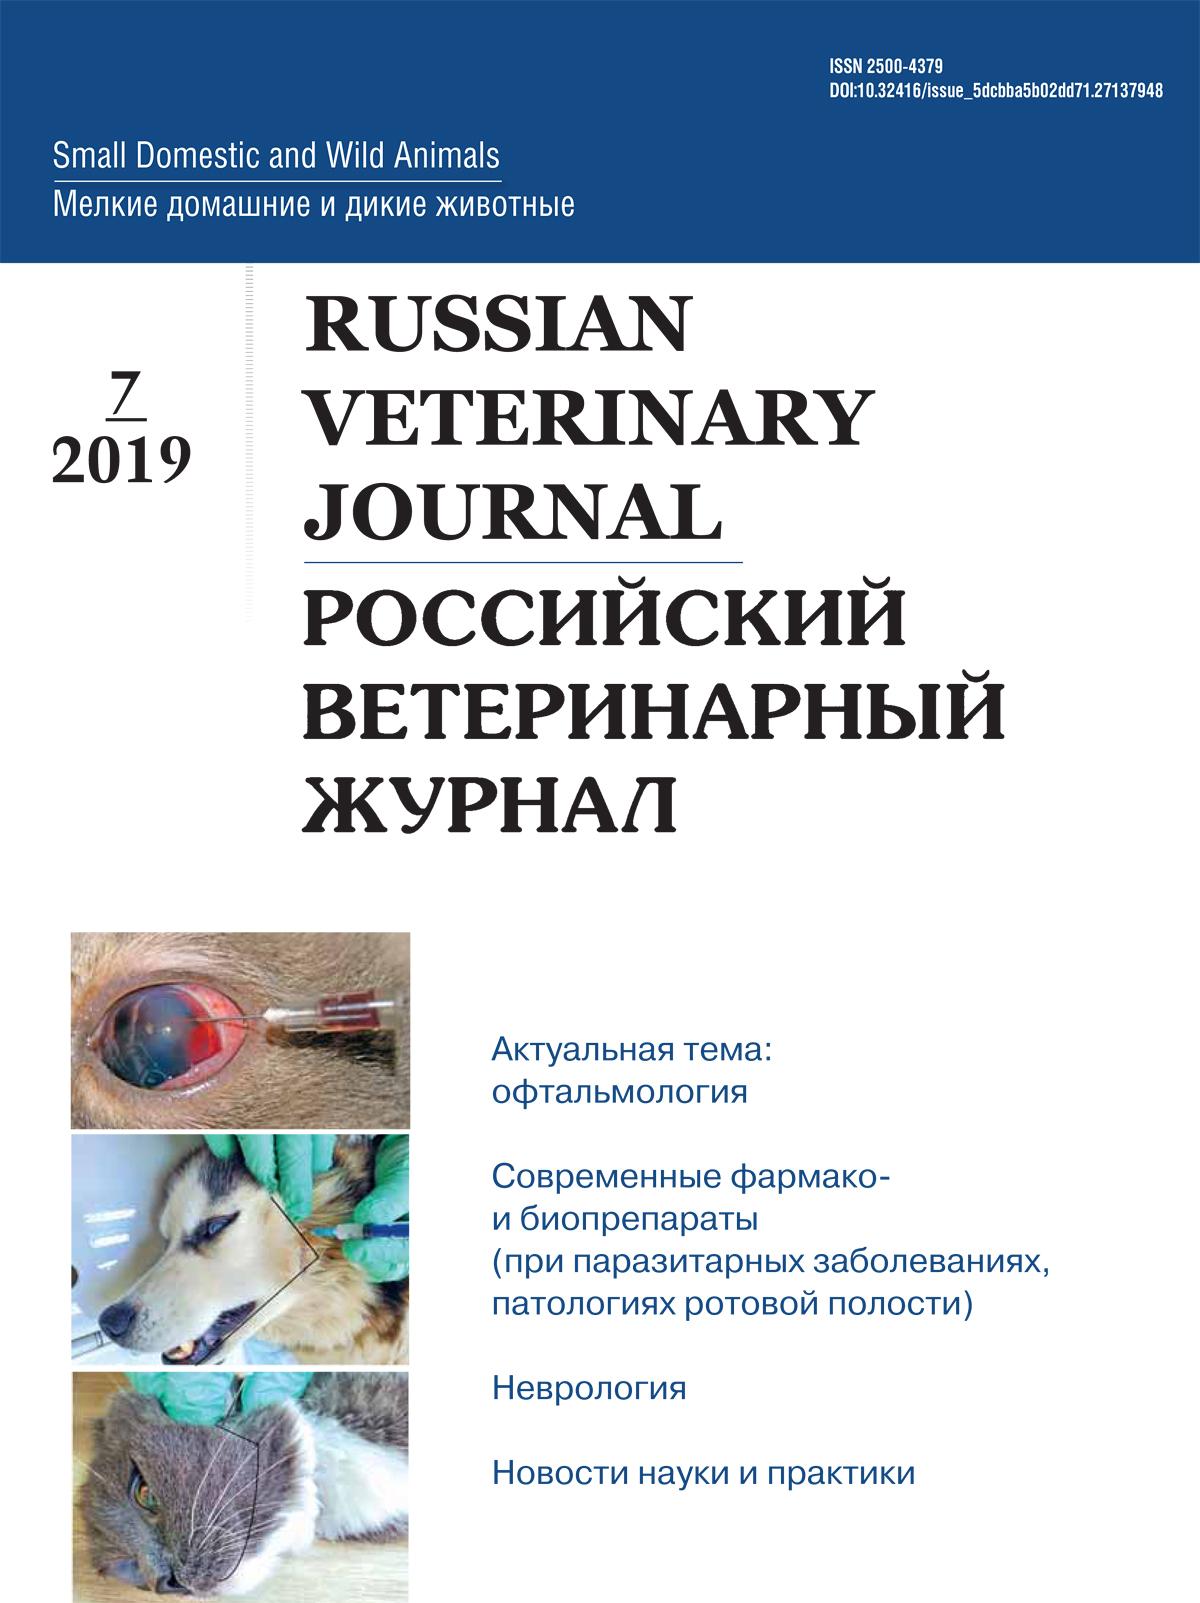 Безопасность и эффективность парацентеза передней камеры с одномоментным внутрикамерным введением 0,5%-го пилокарпина при глаукоме различной этиологии у собак и кошек